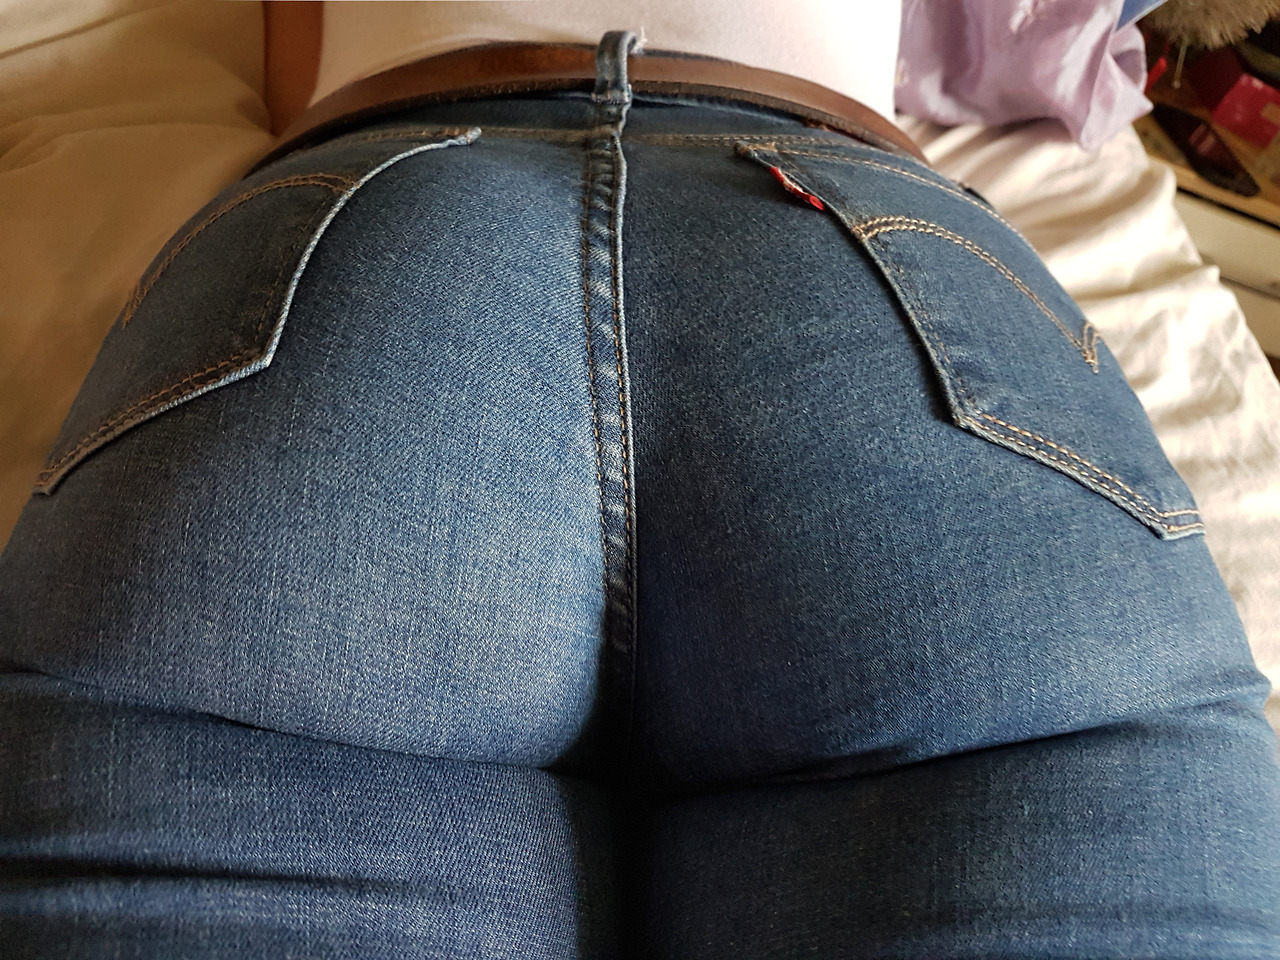 【着尻エロ画像】脱ぎにくそう…ジーンズ履いてラインが明確な着衣尻www 02